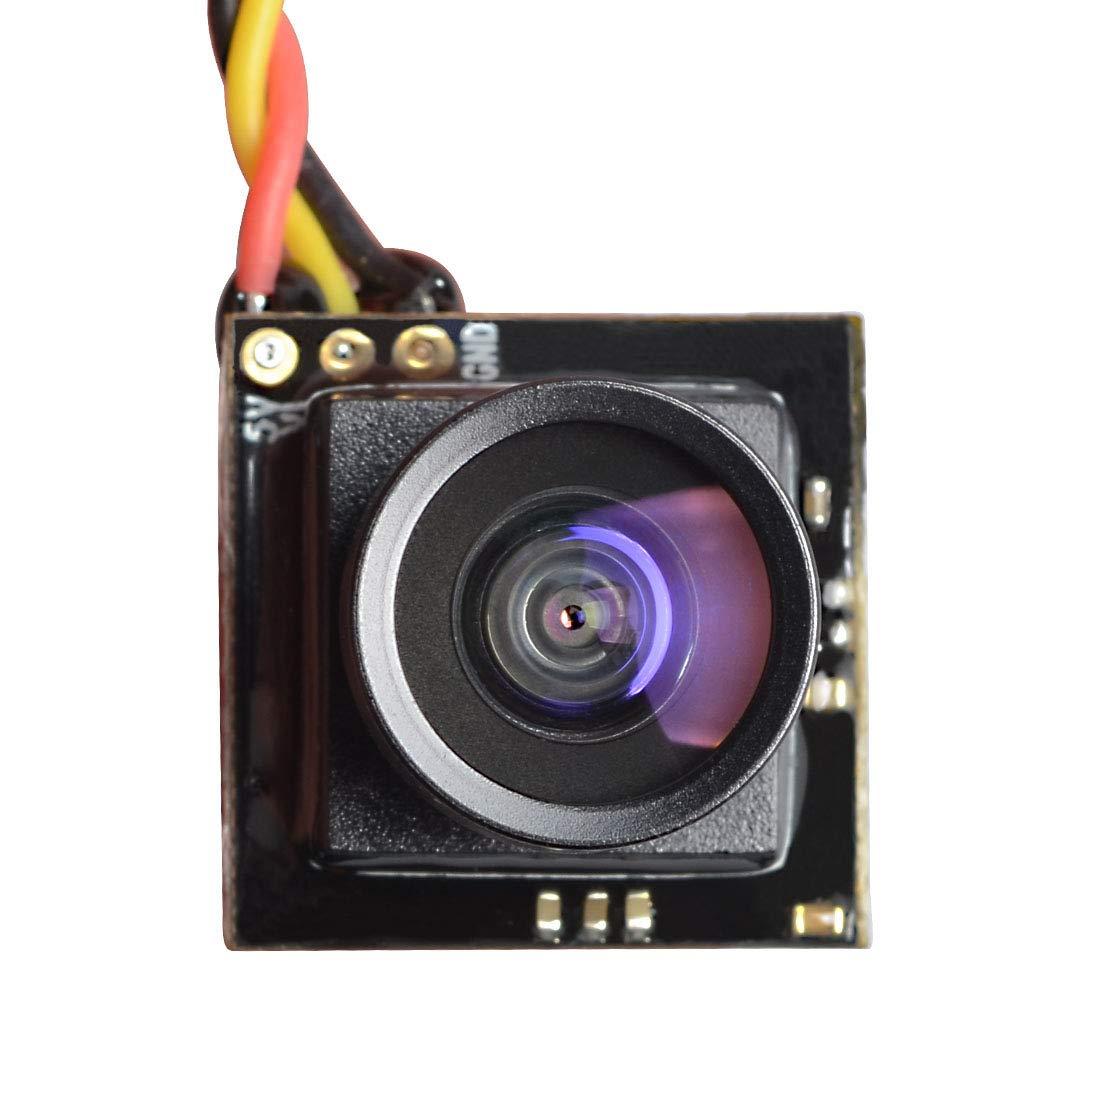 熱い販売 AKK 600TVL 120度 B07NYCXMKW NTSC ミニ AKK FPVカメラ RCドローンクアッドコプター用 ミニ B07NYCXMKW, 淀川区:00aa2d6e --- lightinglogistics.co.za